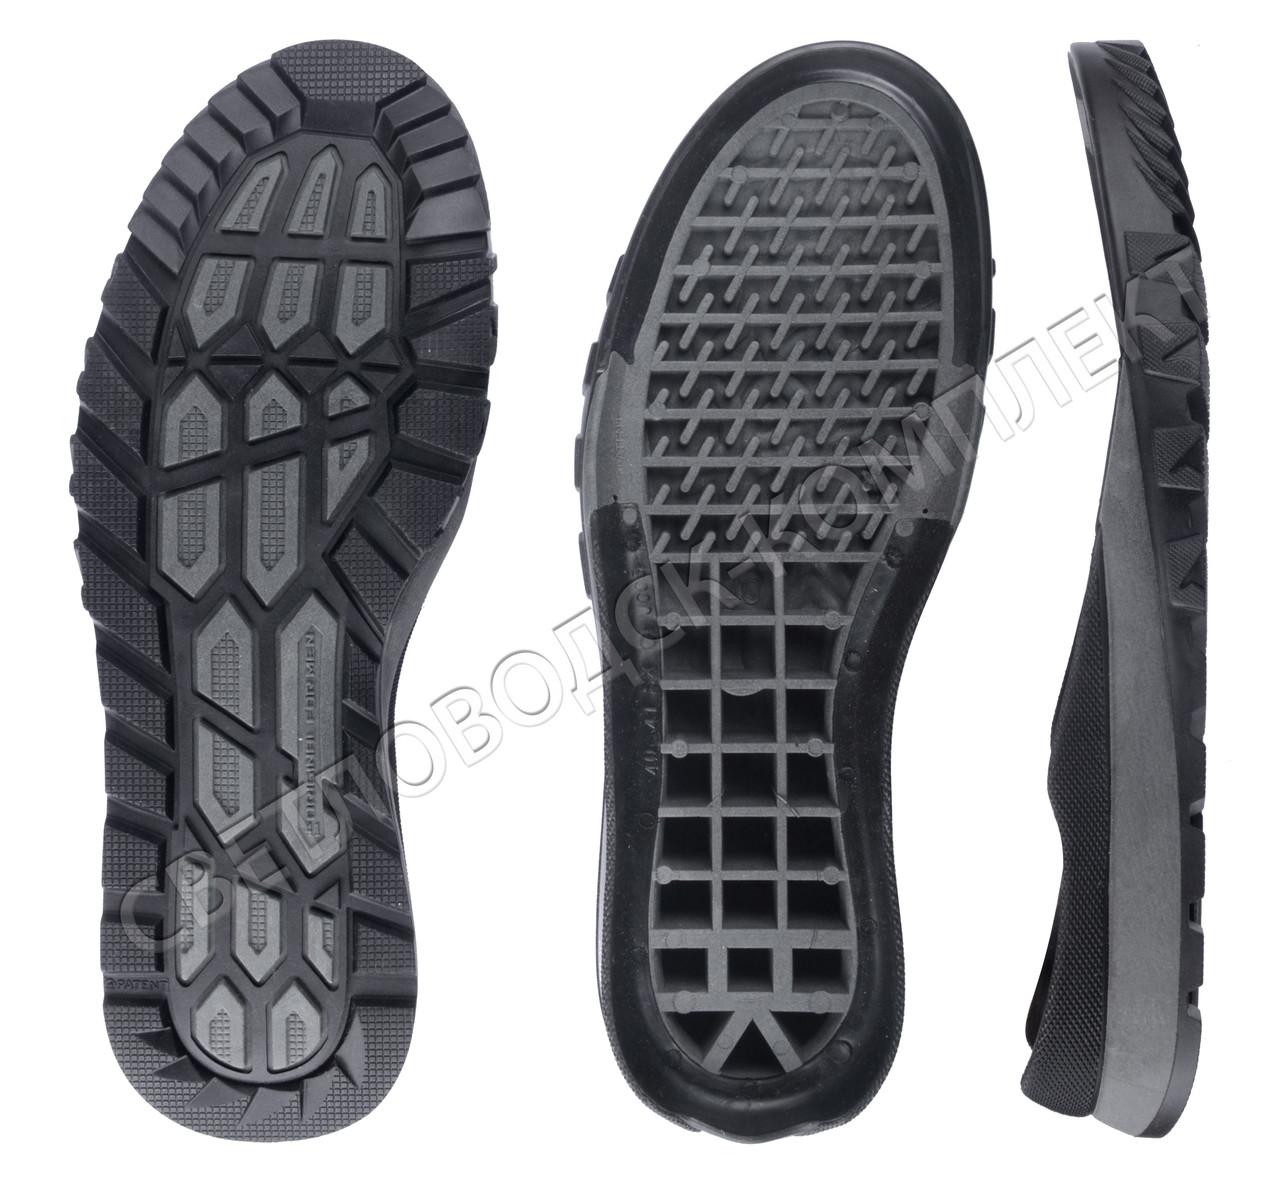 Подошва для обуви Джо-3 ТР (Joo-3), цв. черный